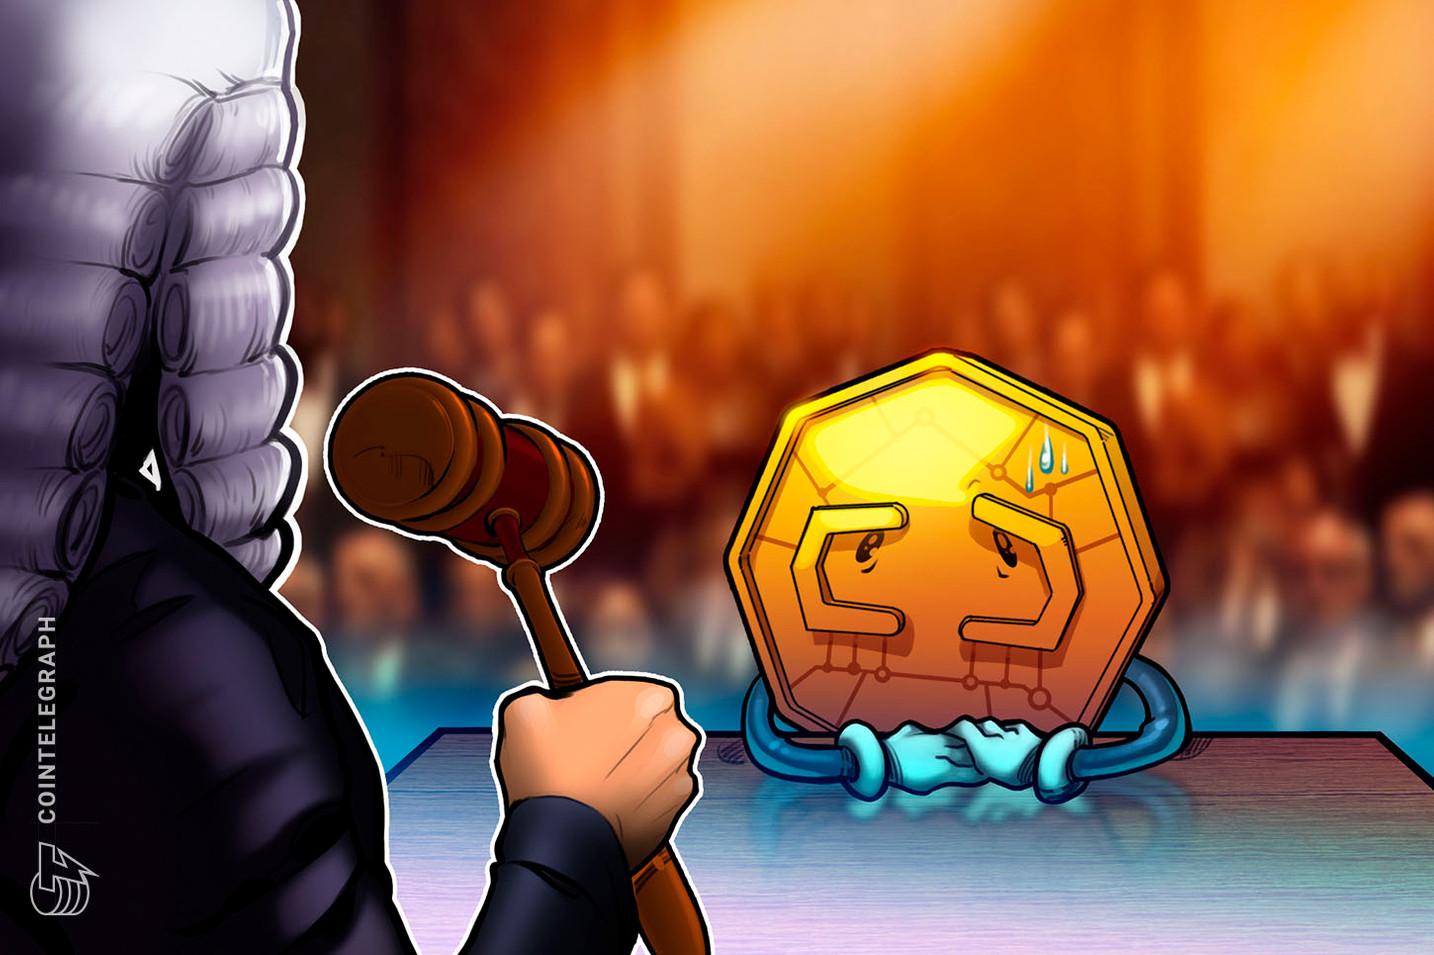 La FTC de Estados Unidos demanda a startup por, supuestamente, malversar fondos recaudados en bitcoins y en facturas de tarjetas de crédito